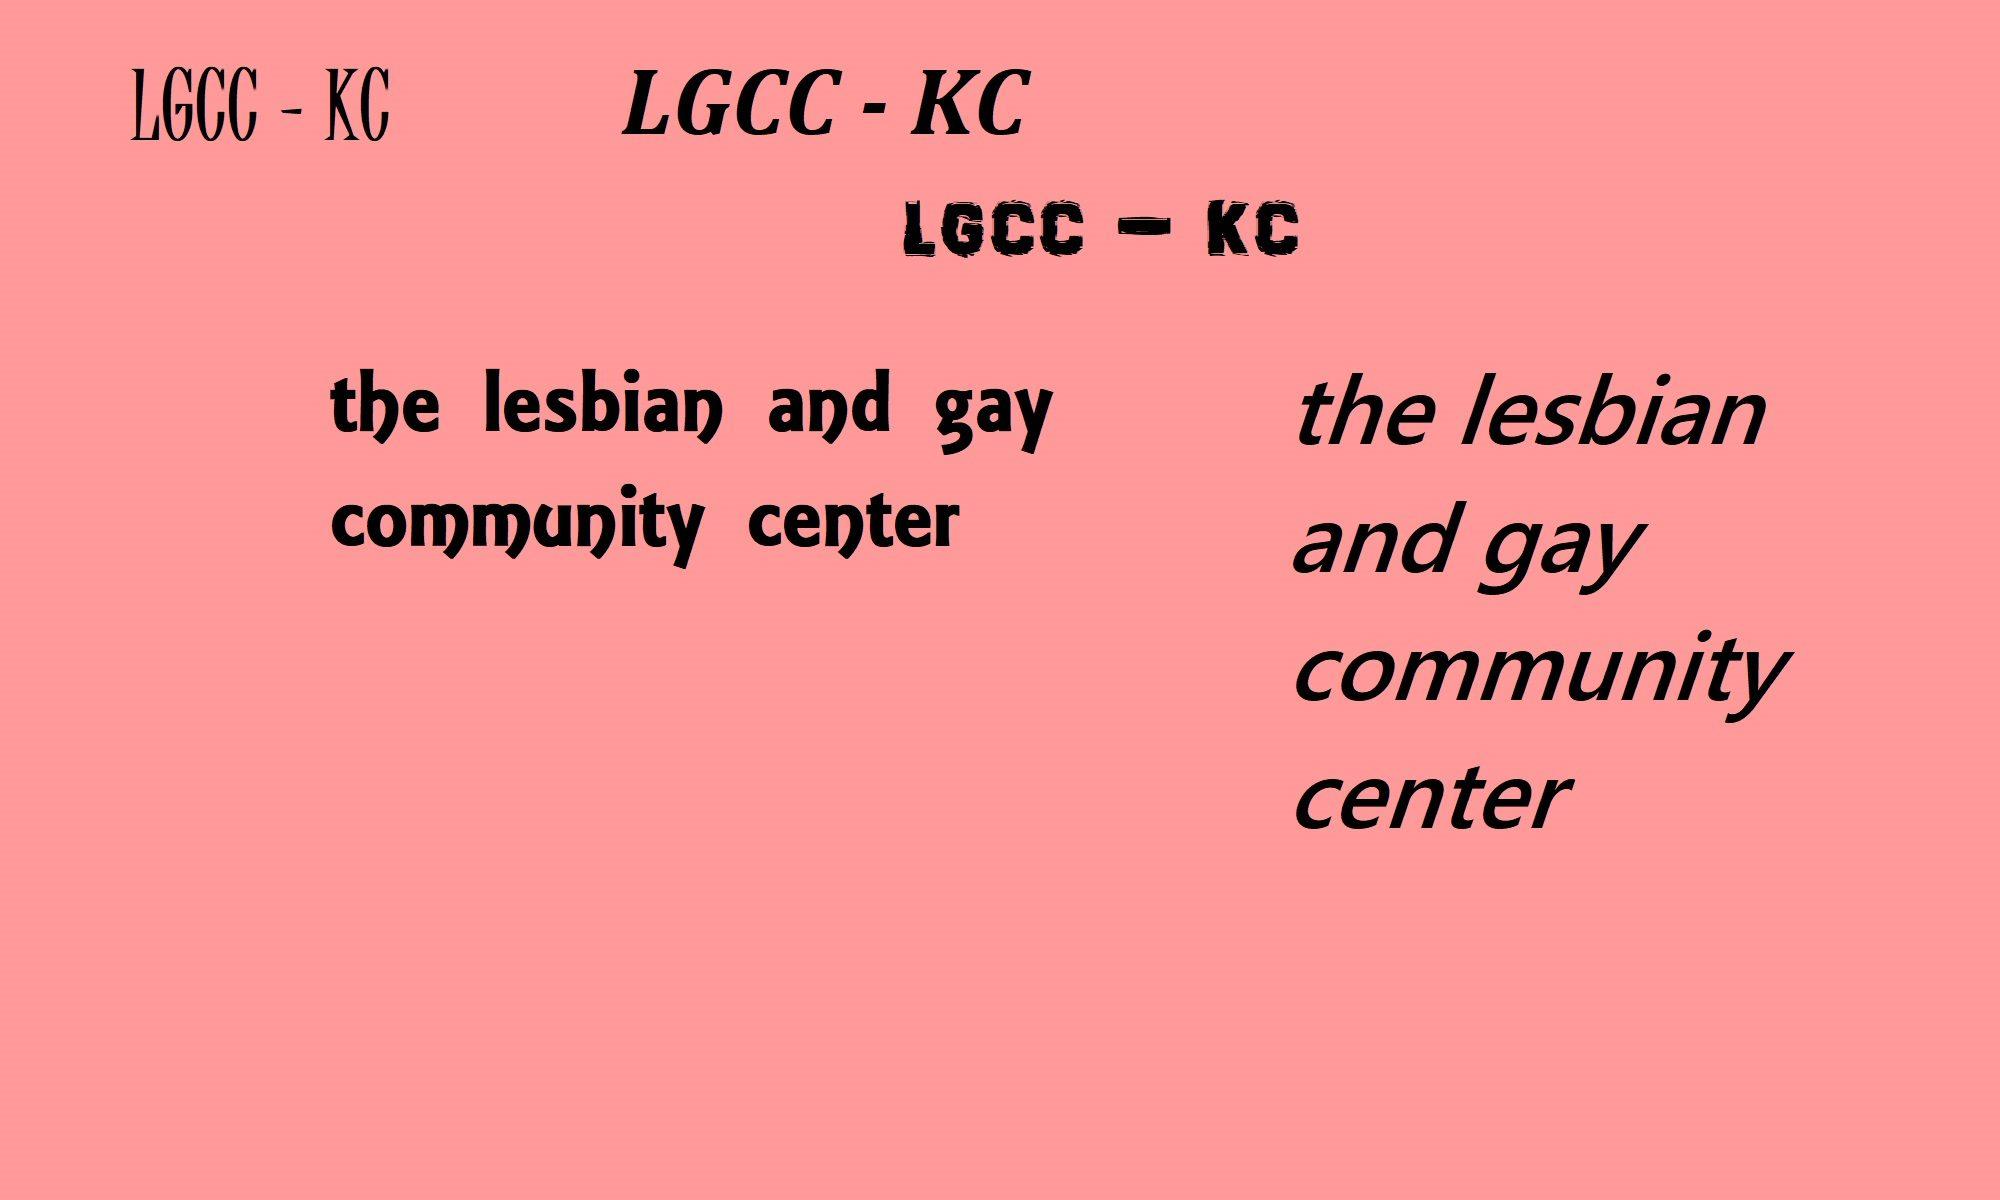 LGCC-KC